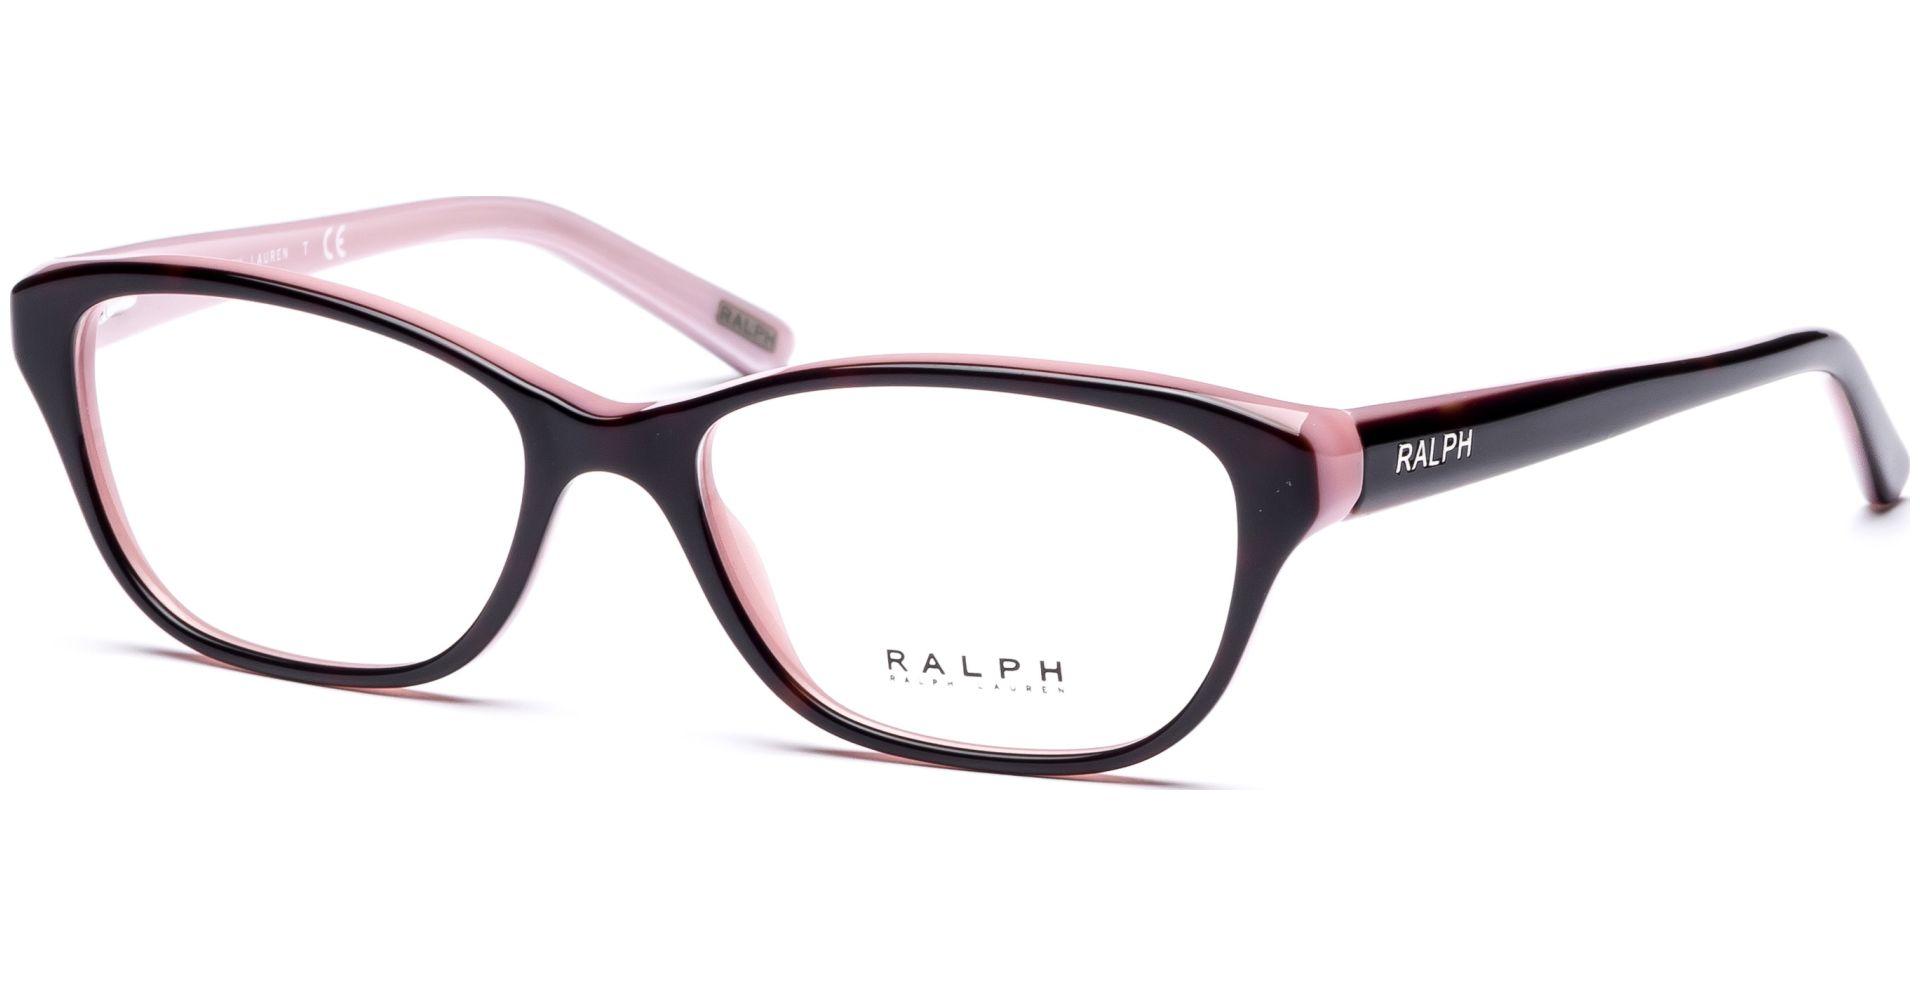 Schön Durchscheinend Brillenfassungen Fotos - Bilderrahmen Ideen ...